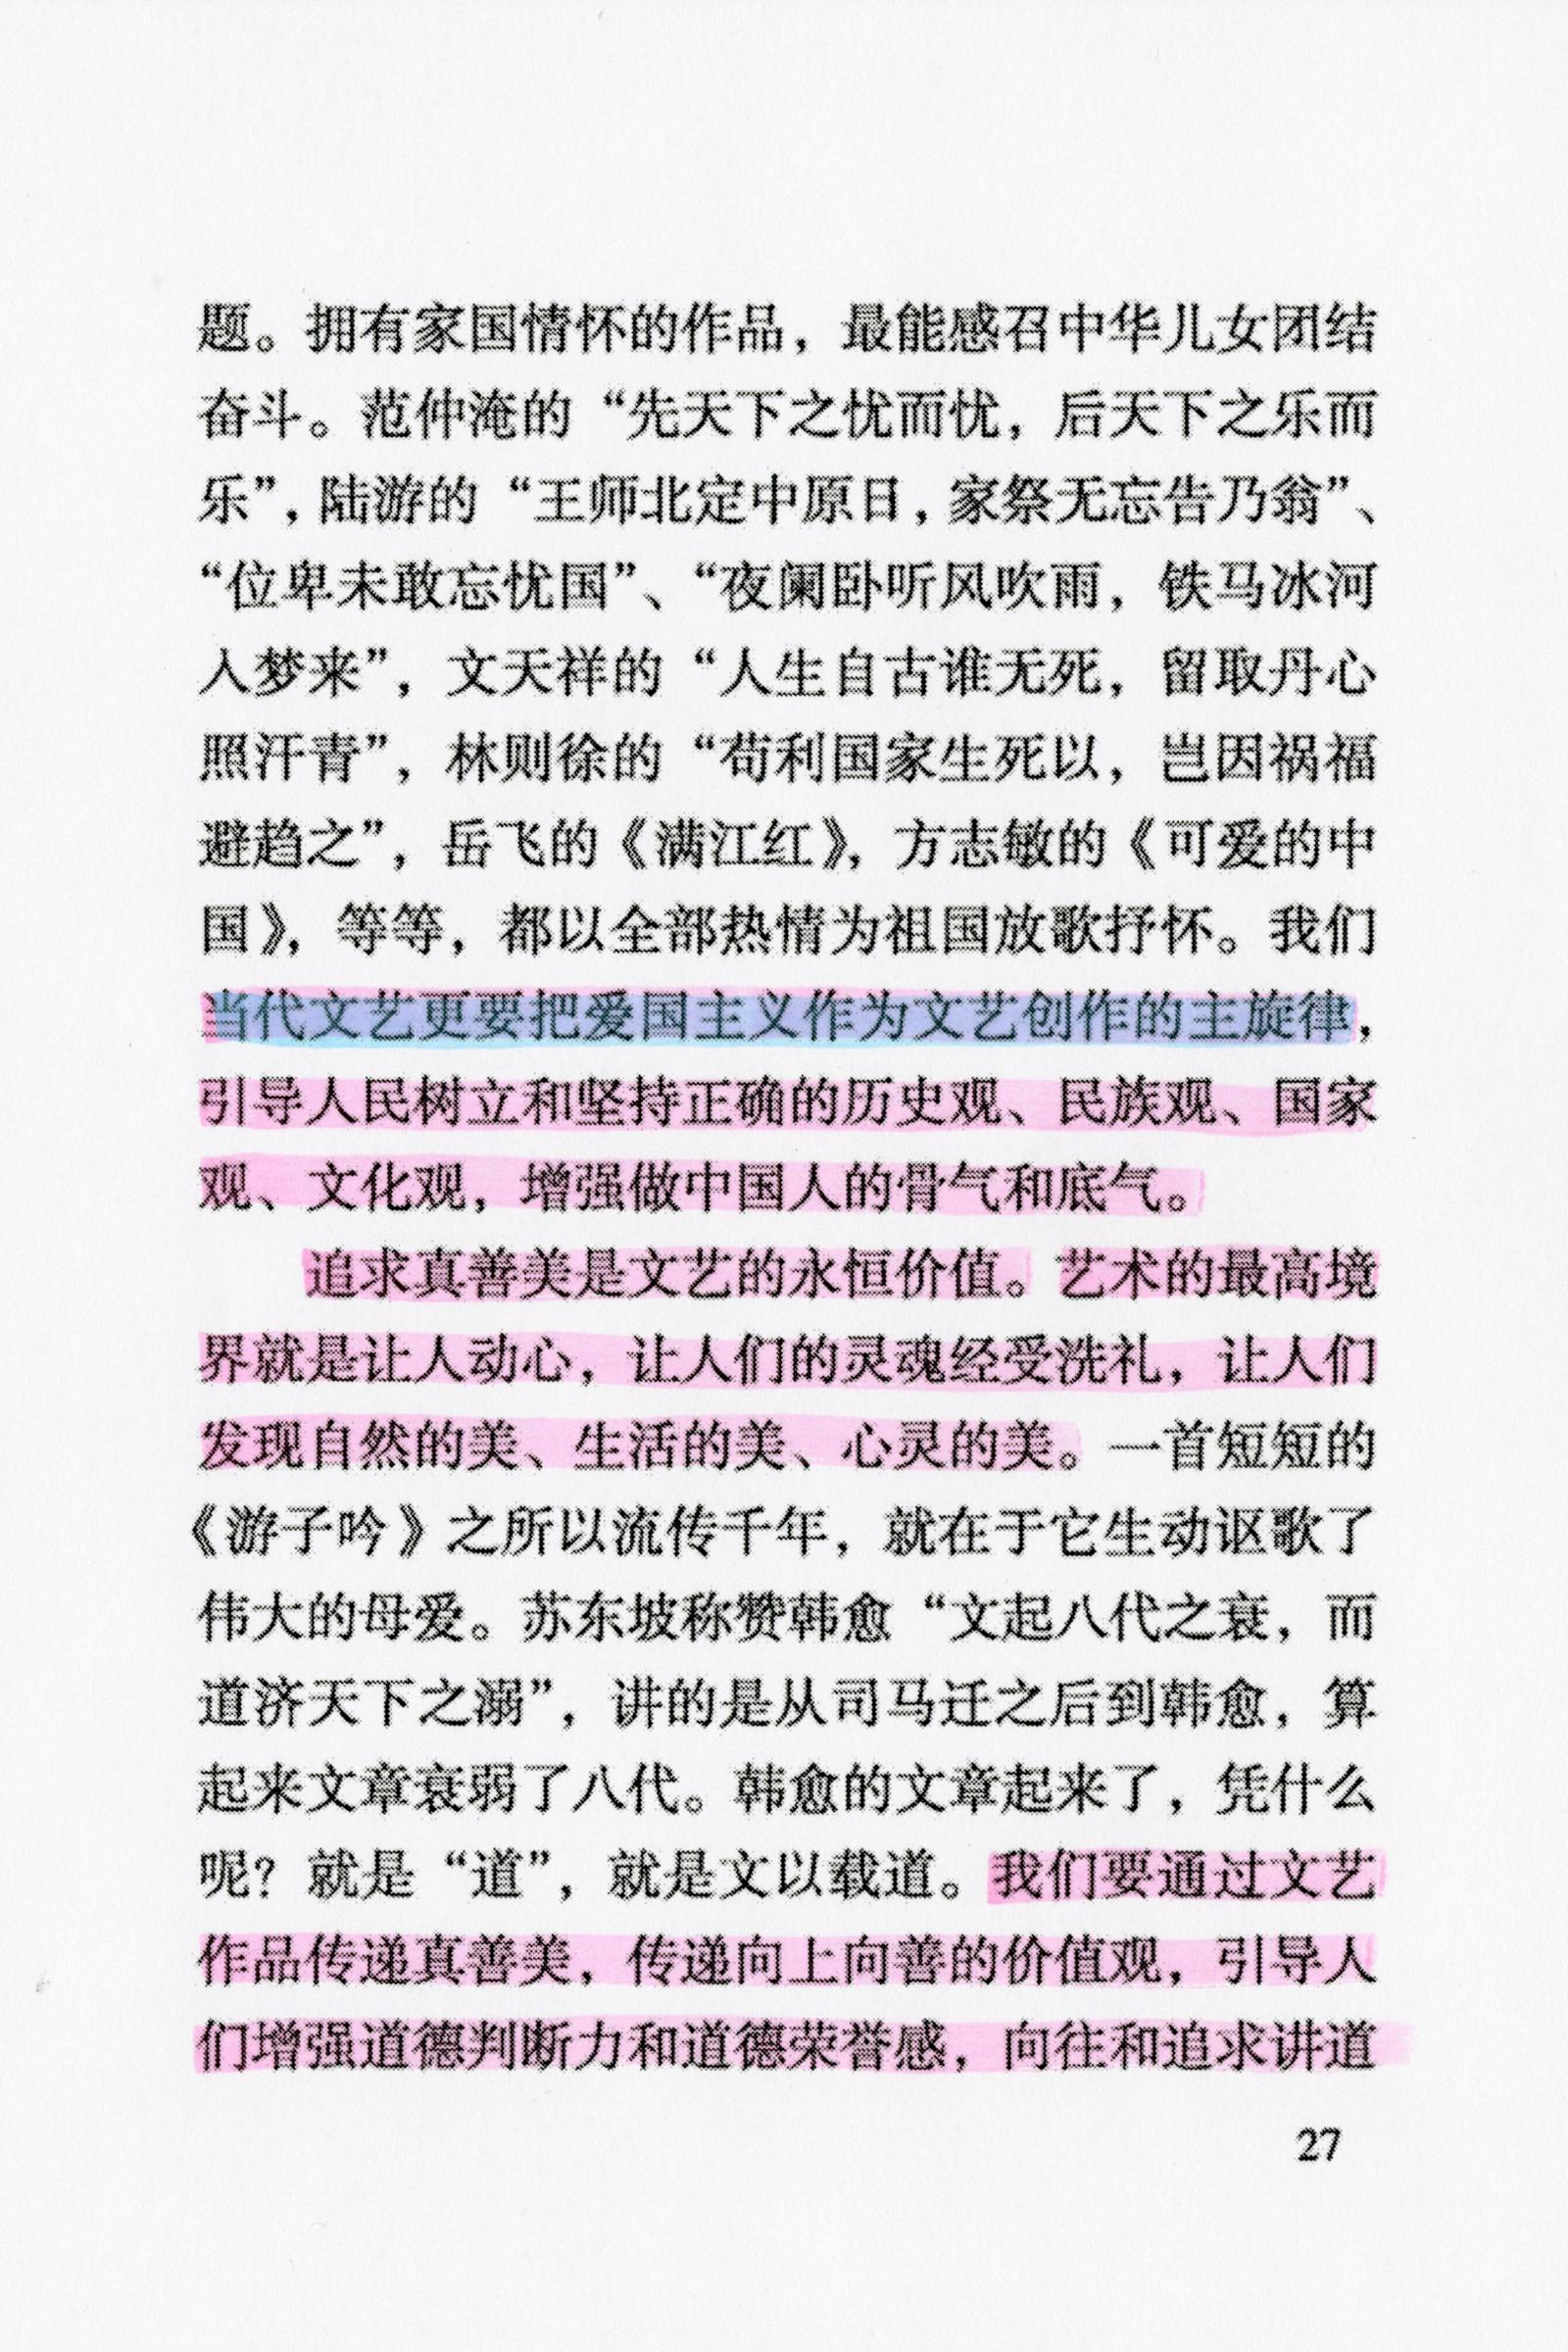 Xi2-3-28.jpg